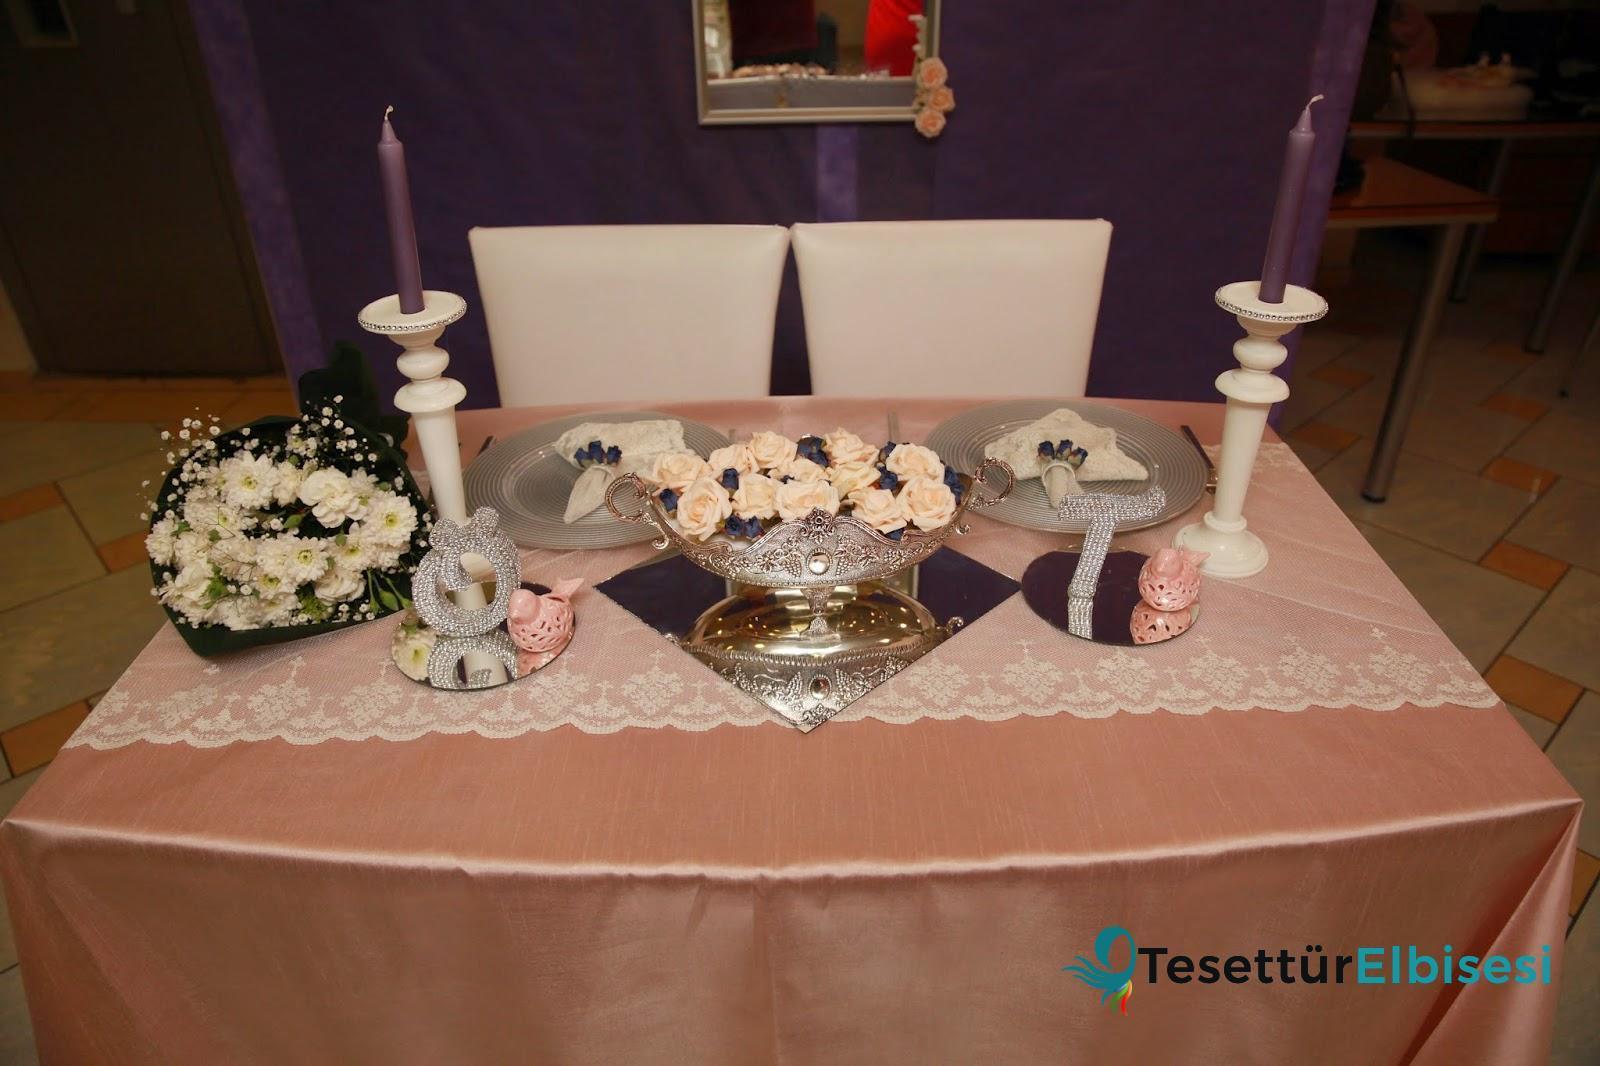 Nişan Masası - Nişan Masası Aksesuarı Nasıl Olmalıdır?